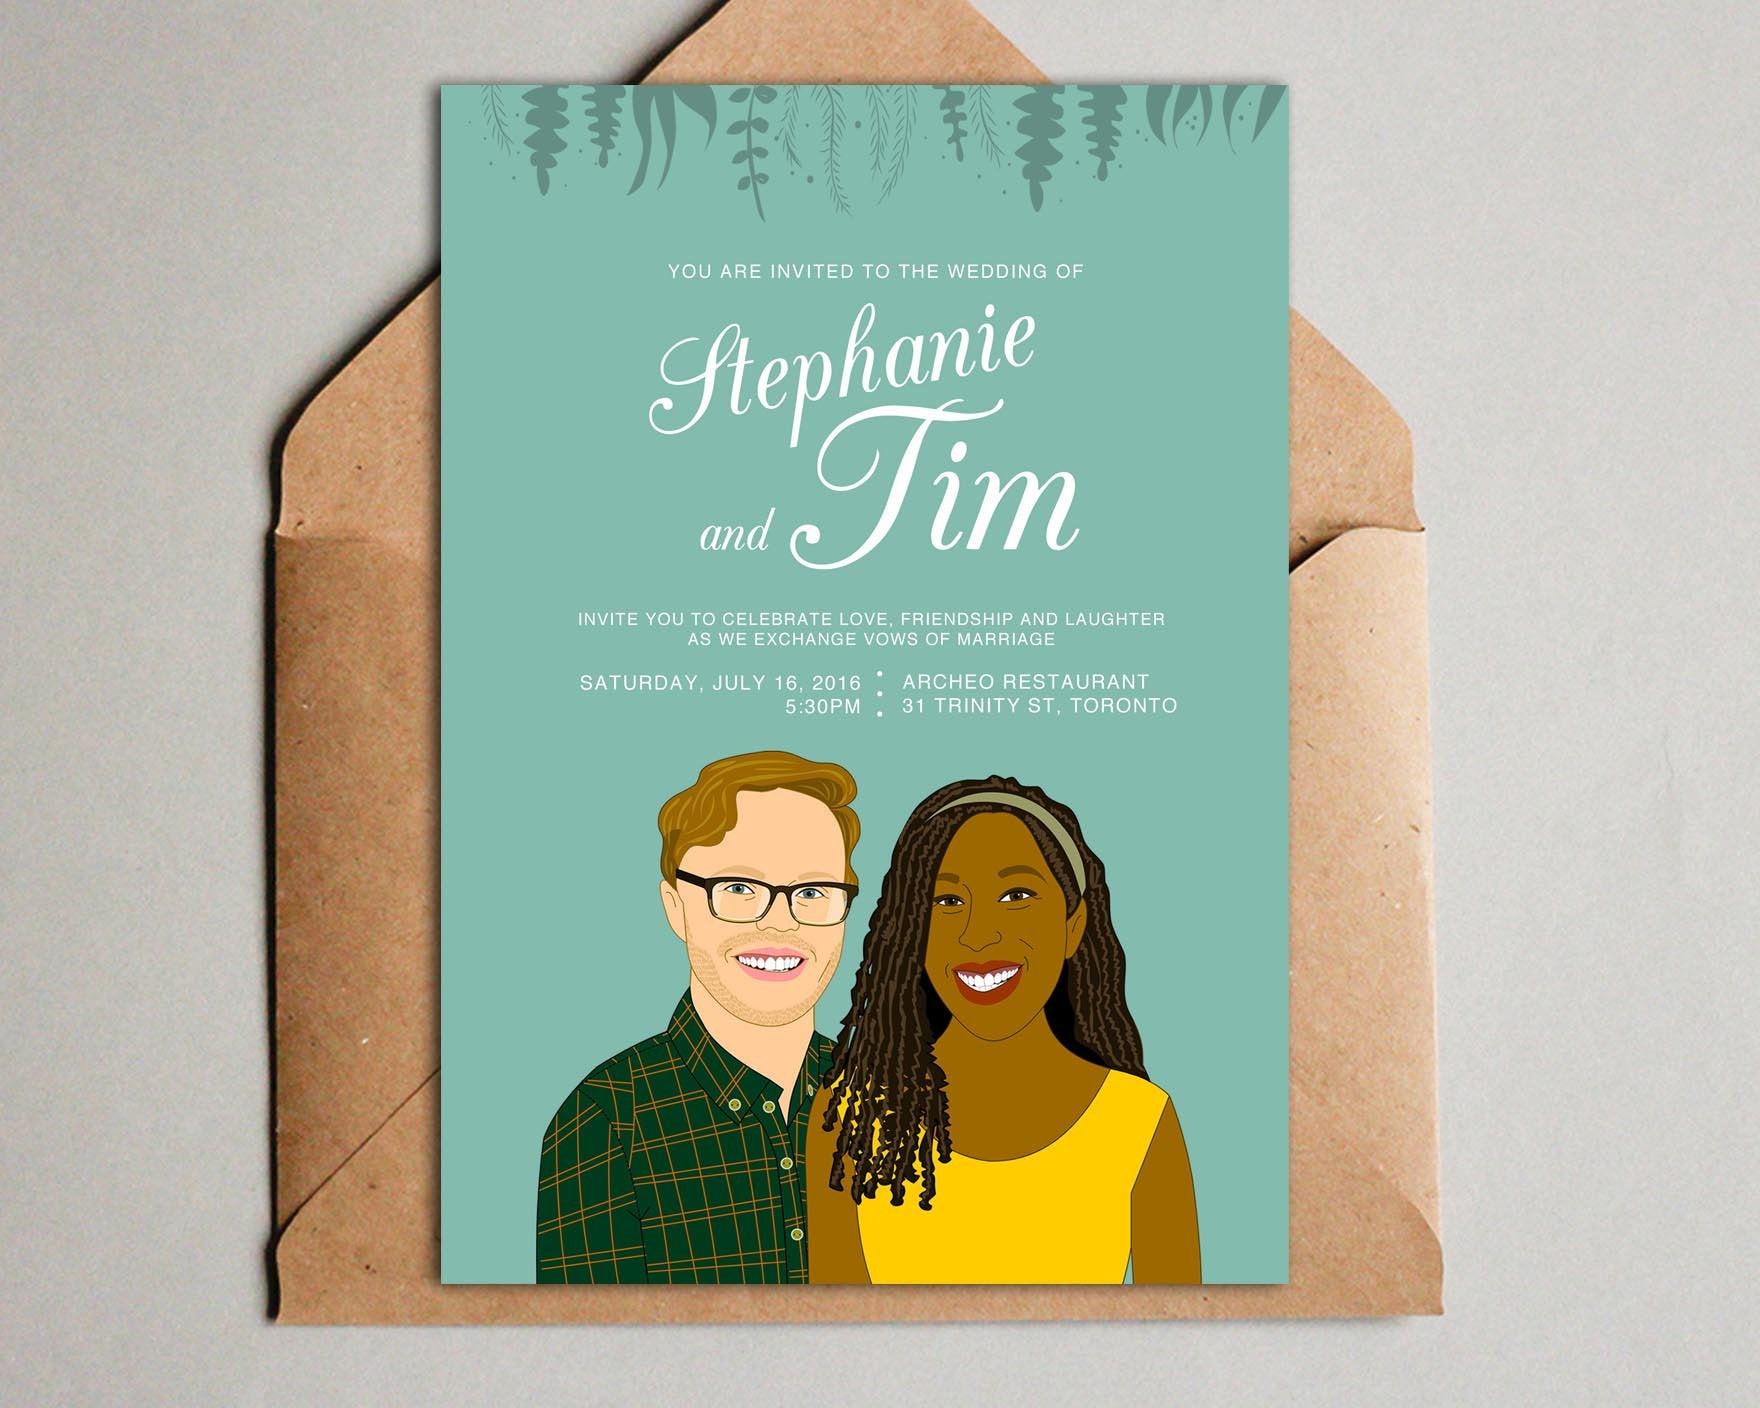 Custom Illustration Couple Portrait Wedding Invitation by Lili Di Prima